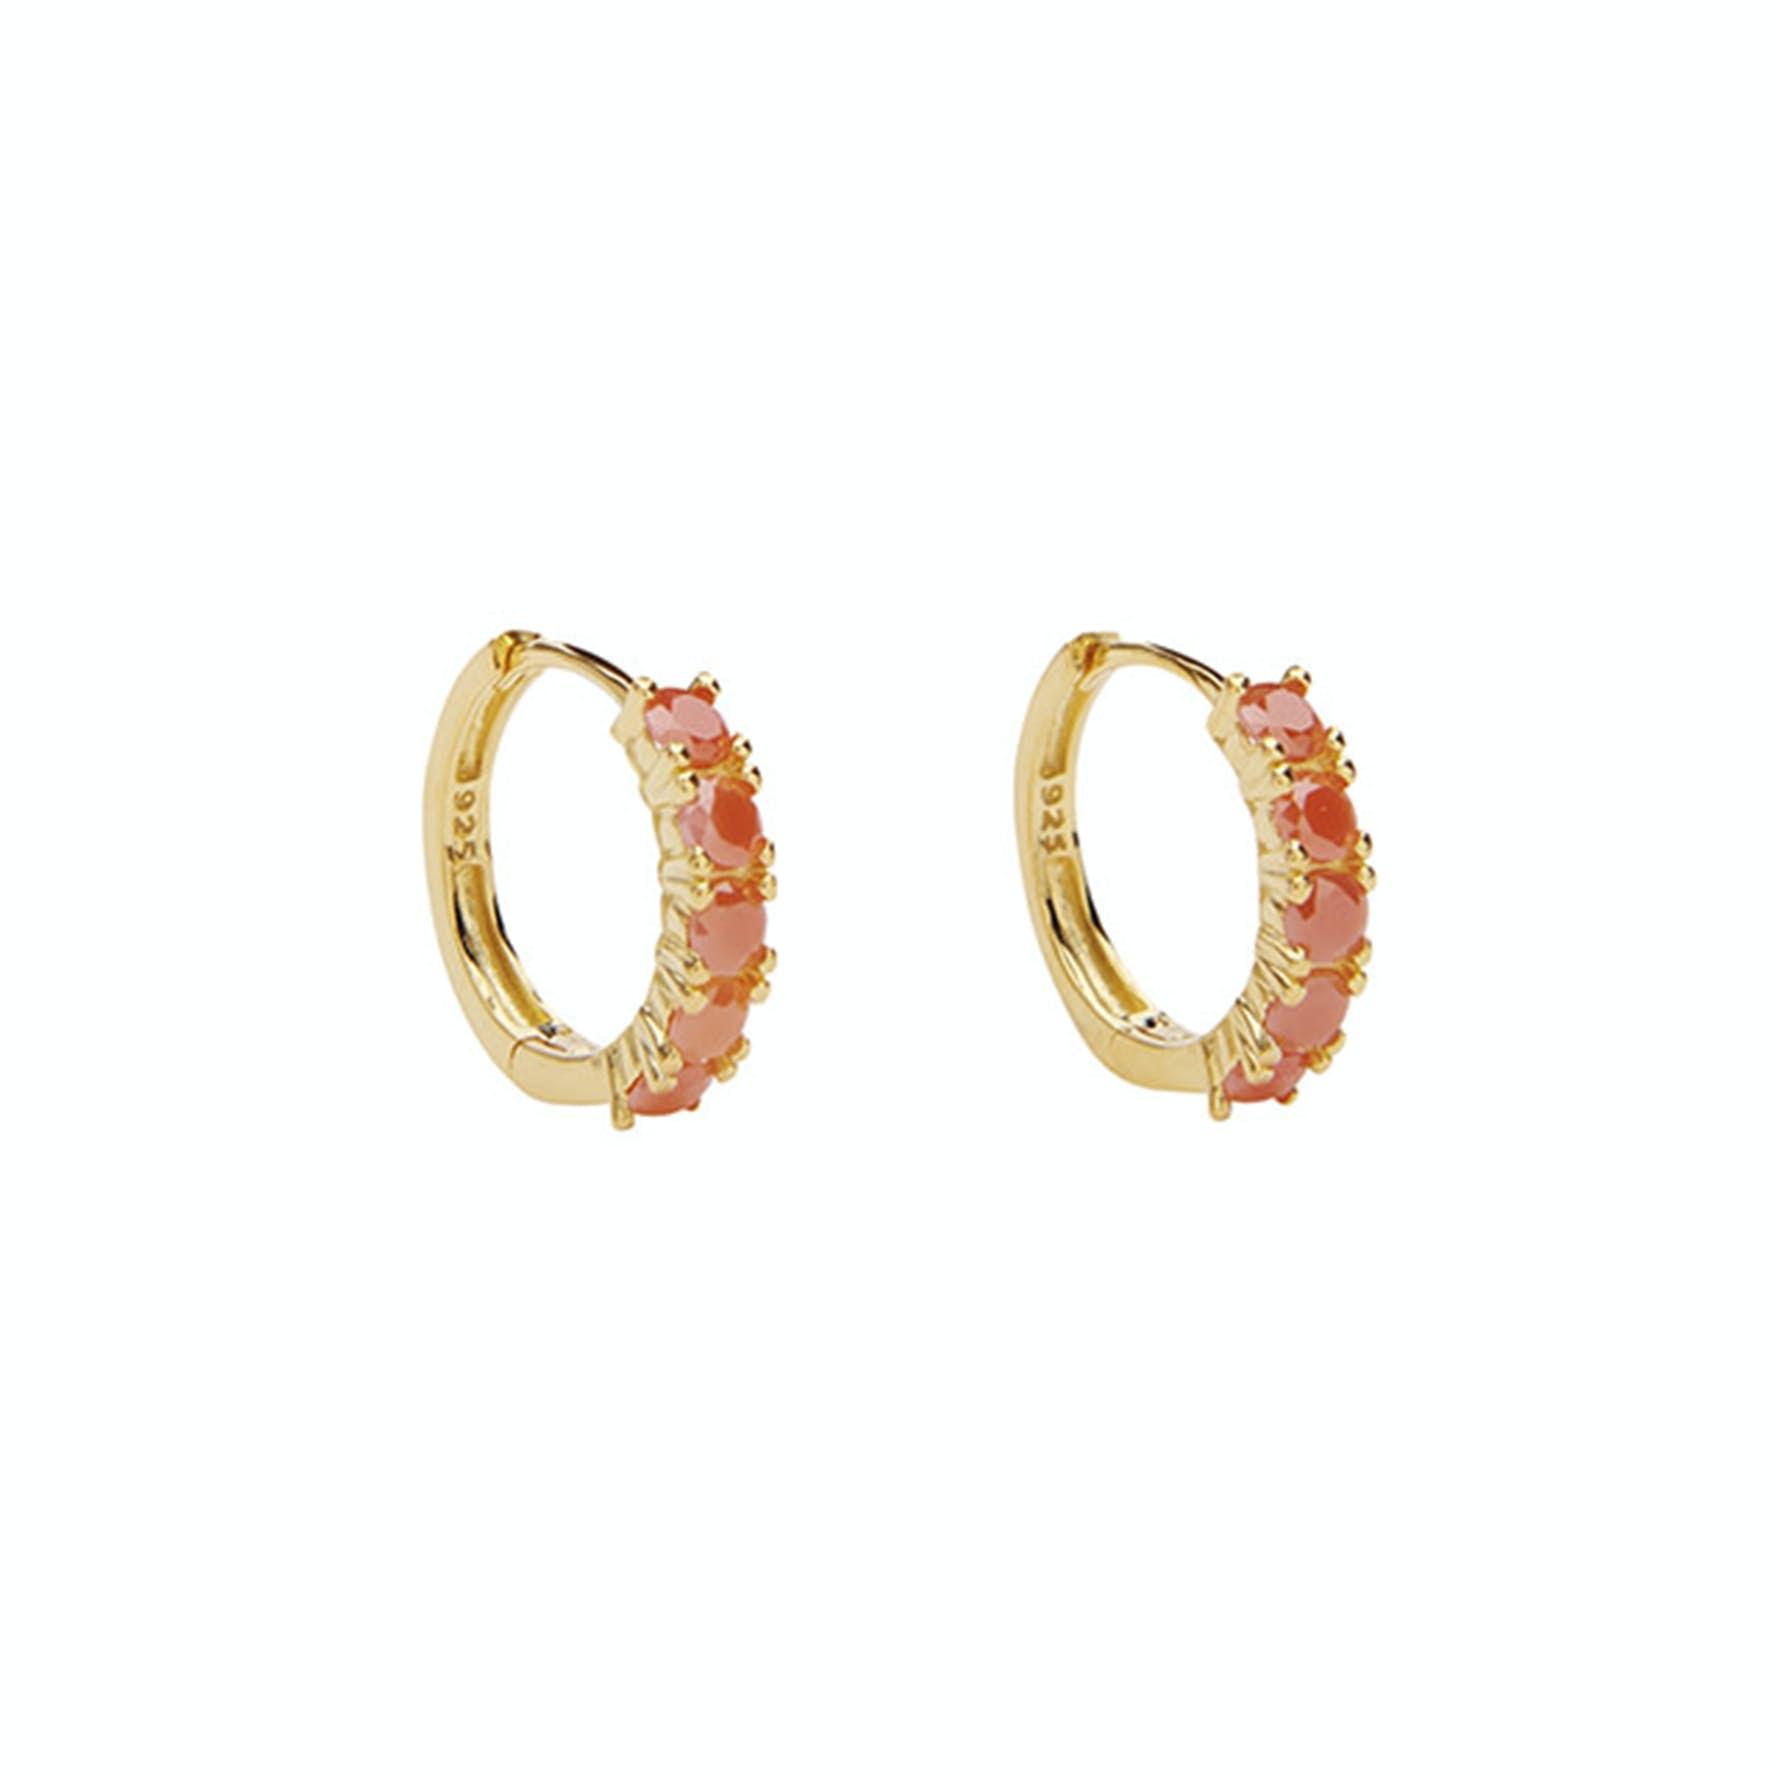 Summer Huggies von Pico in Vergoldet-Silber Sterling 925|Coral